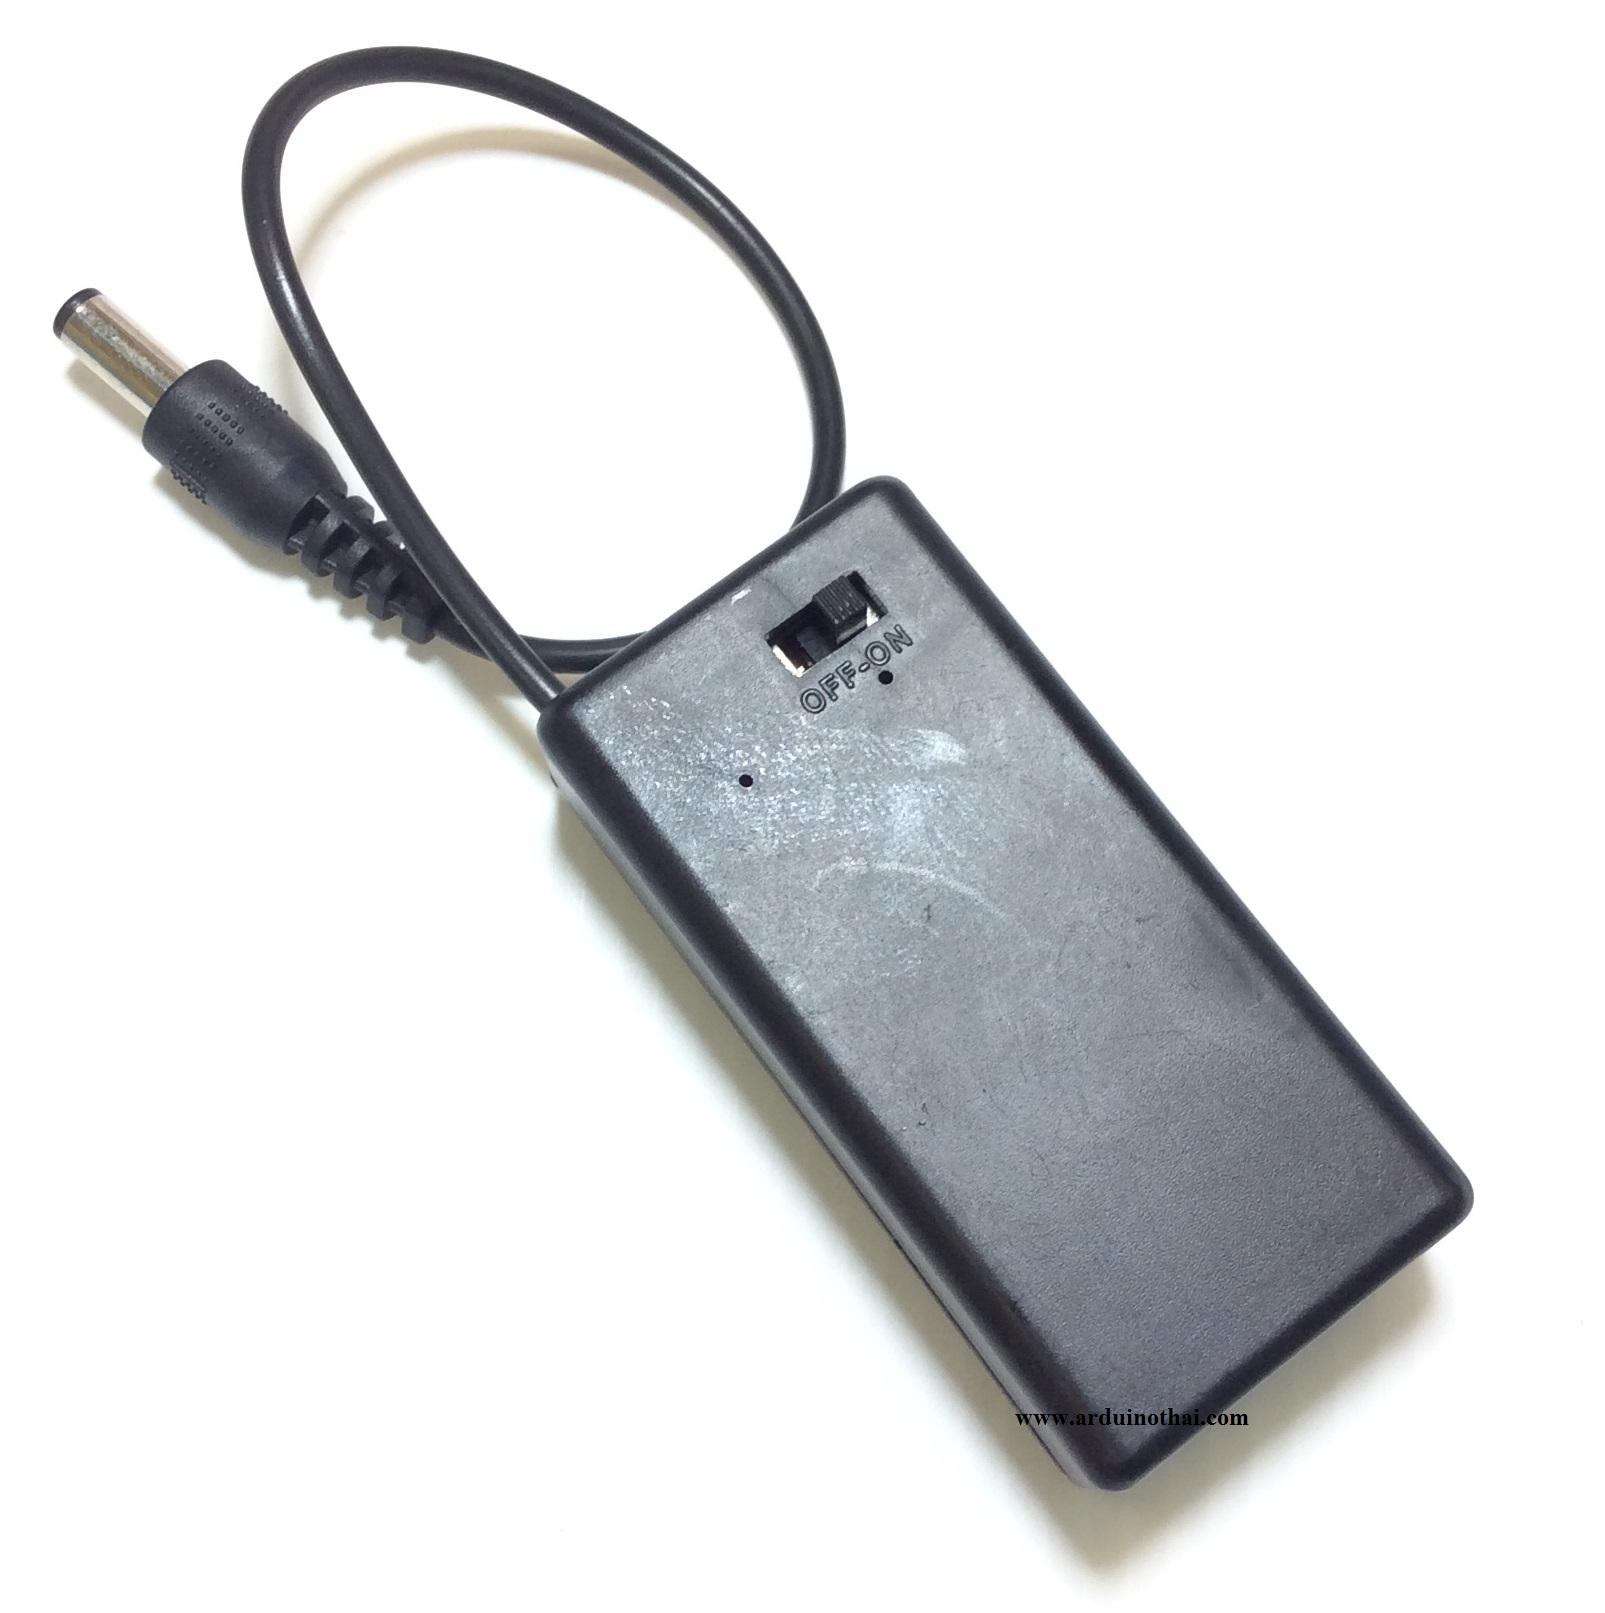 รางถ่าน 9V (มี ฝาปิด สวิตซ์ และ Power Connector)